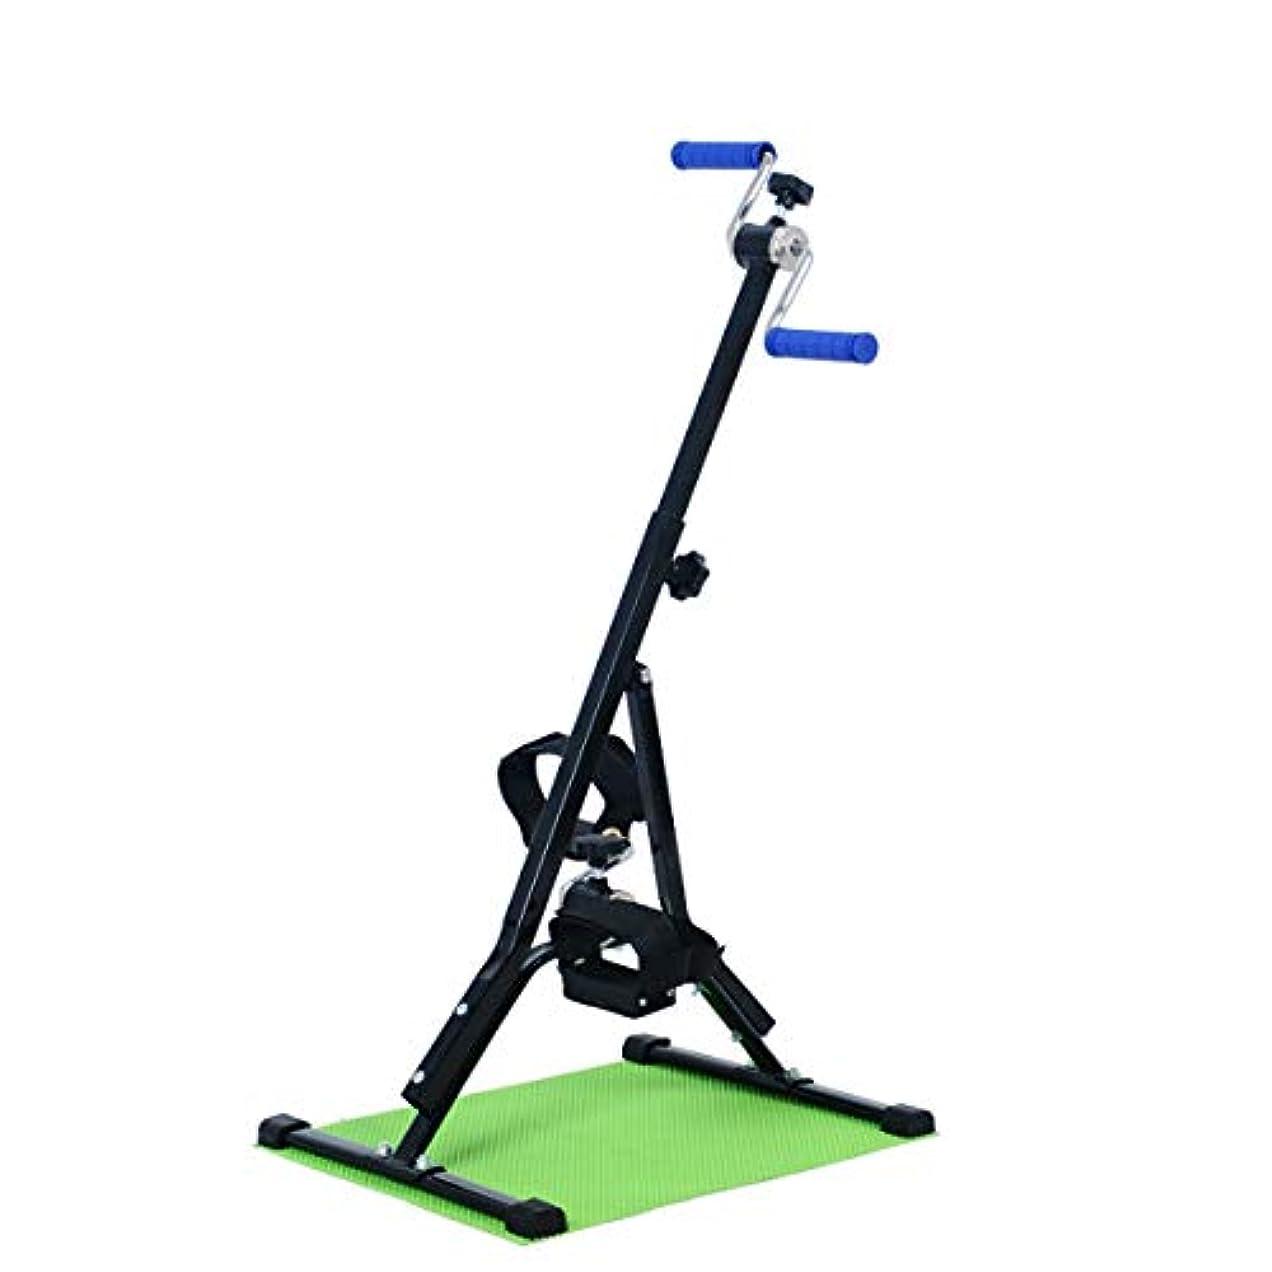 モノグラフ制限するなくなる上下肢トレーニング機器、ホームレッグアームペダルエクササイザー、高齢者リハビリテーションのための脳卒中片麻痺自転車ホーム理学療法フィットネスワークアウト,A